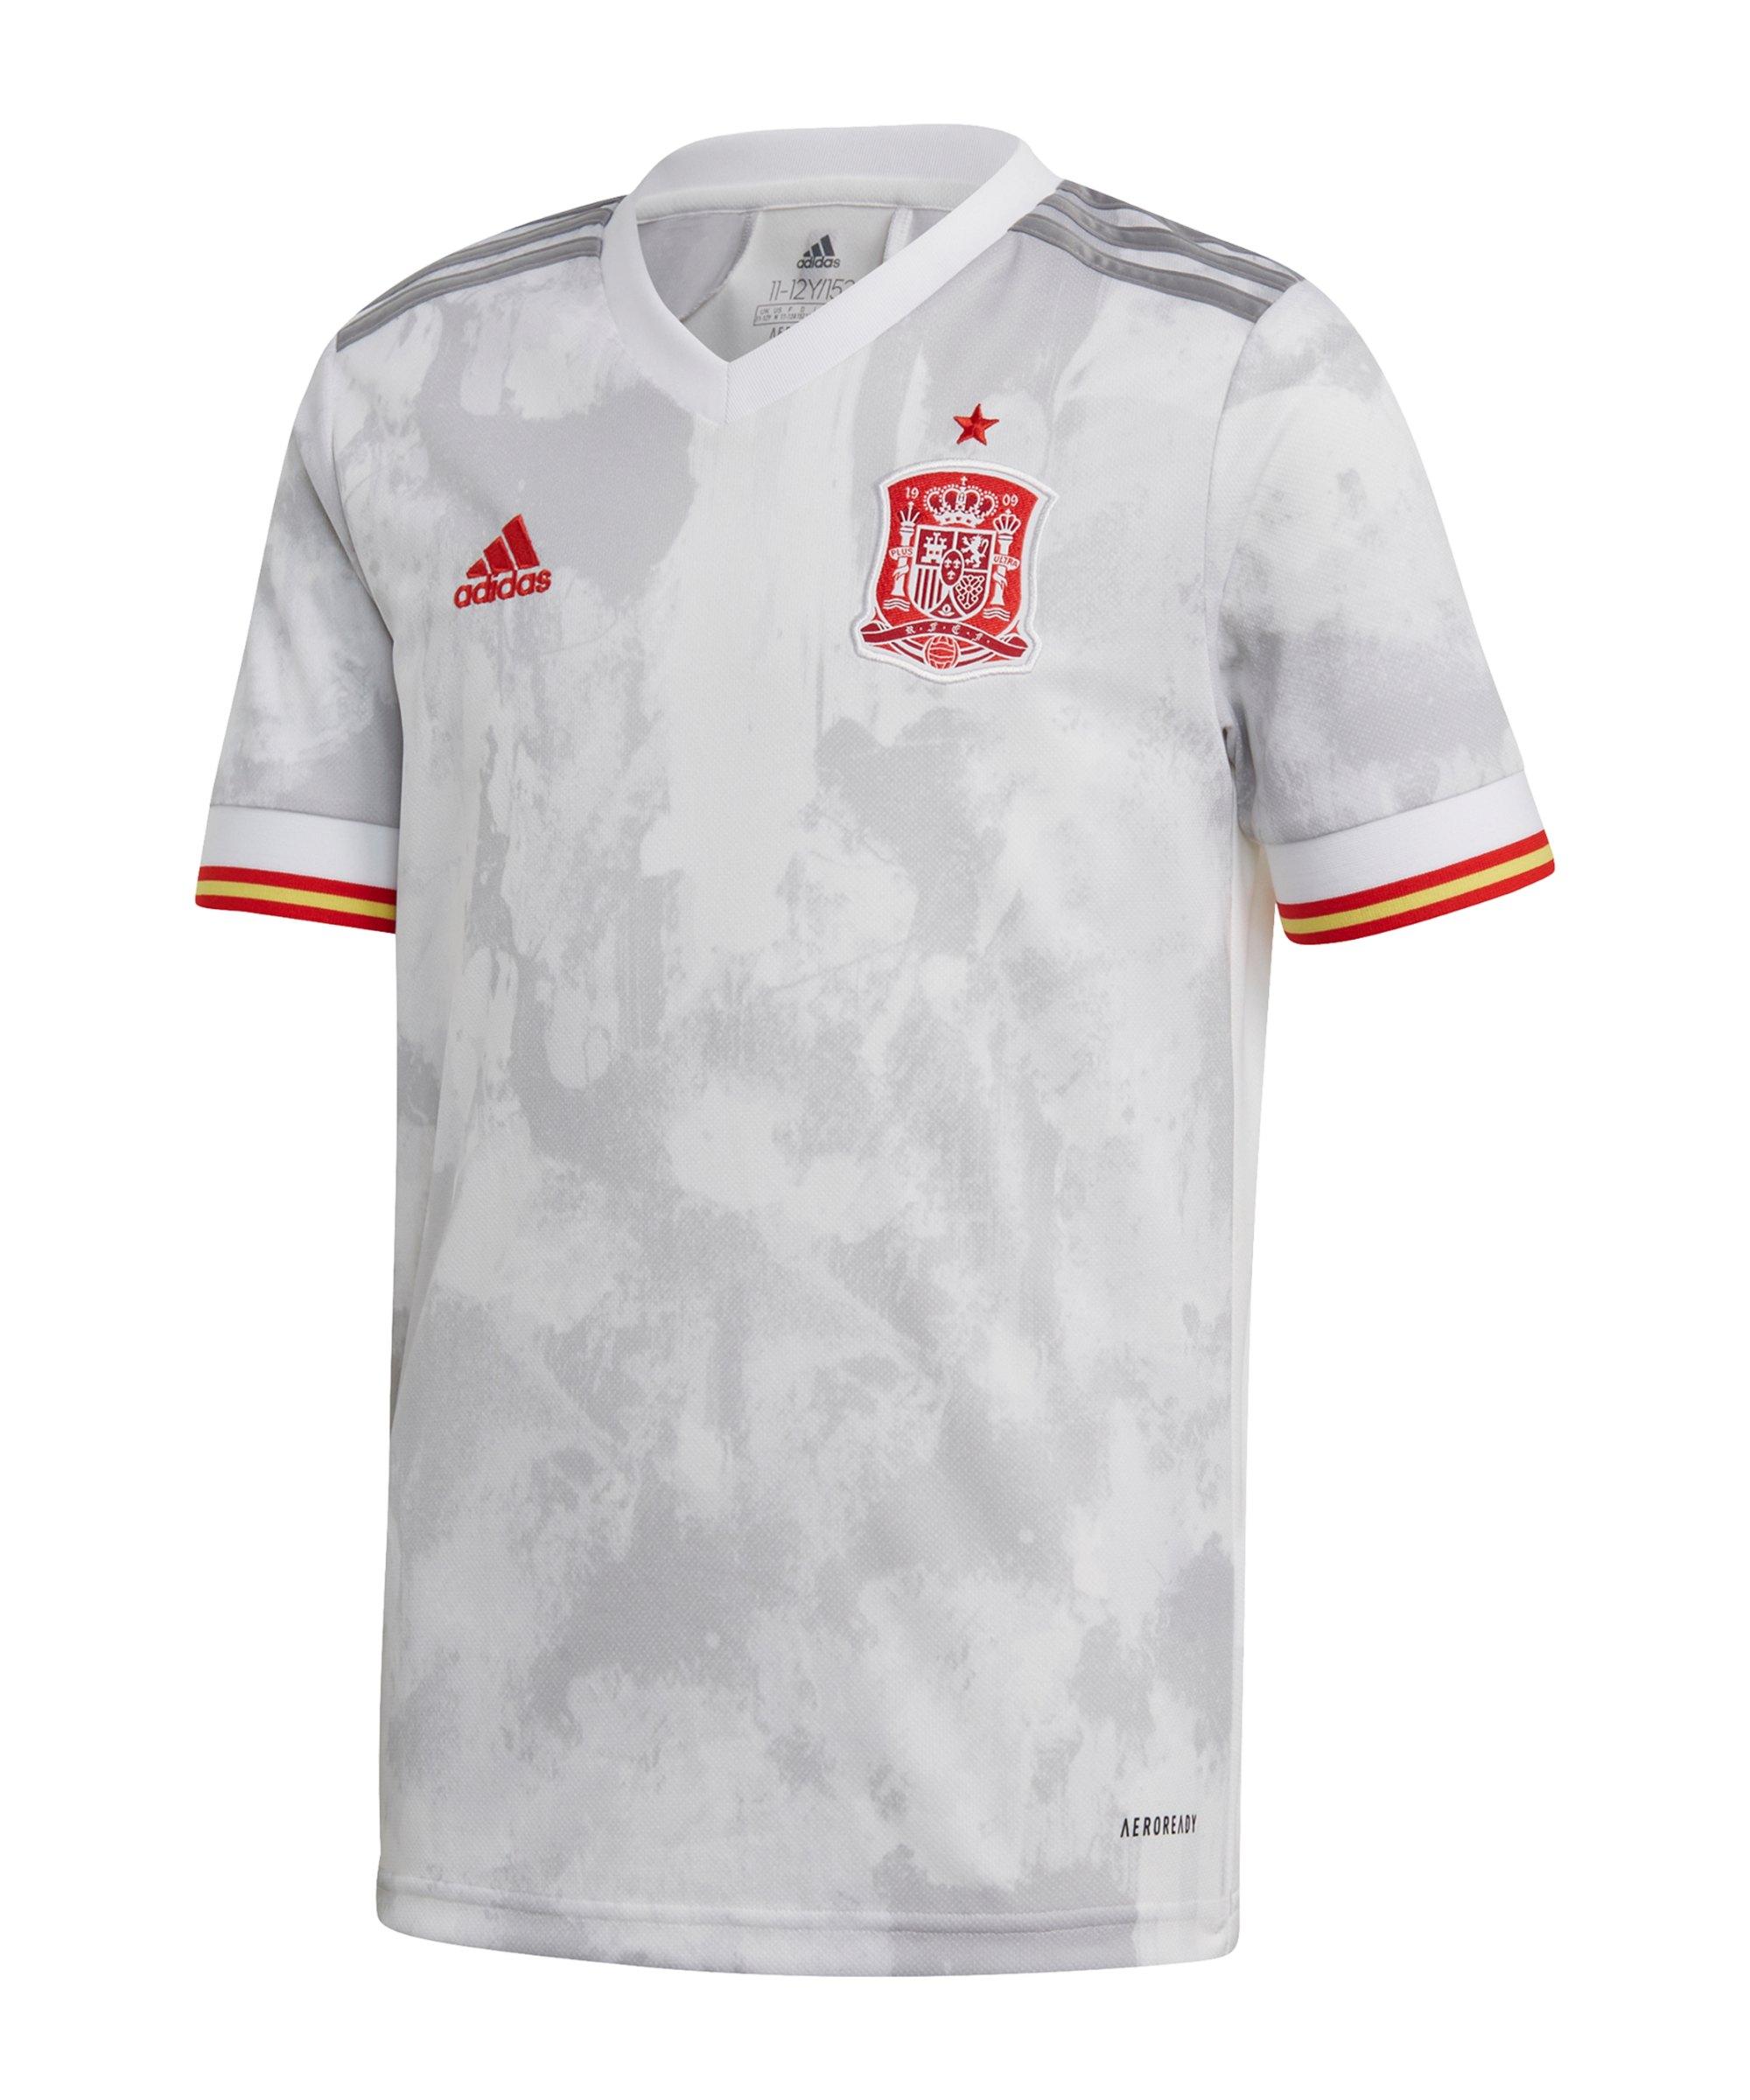 adidas Spanien Trikot Away EM 2020 Weiss - weiss